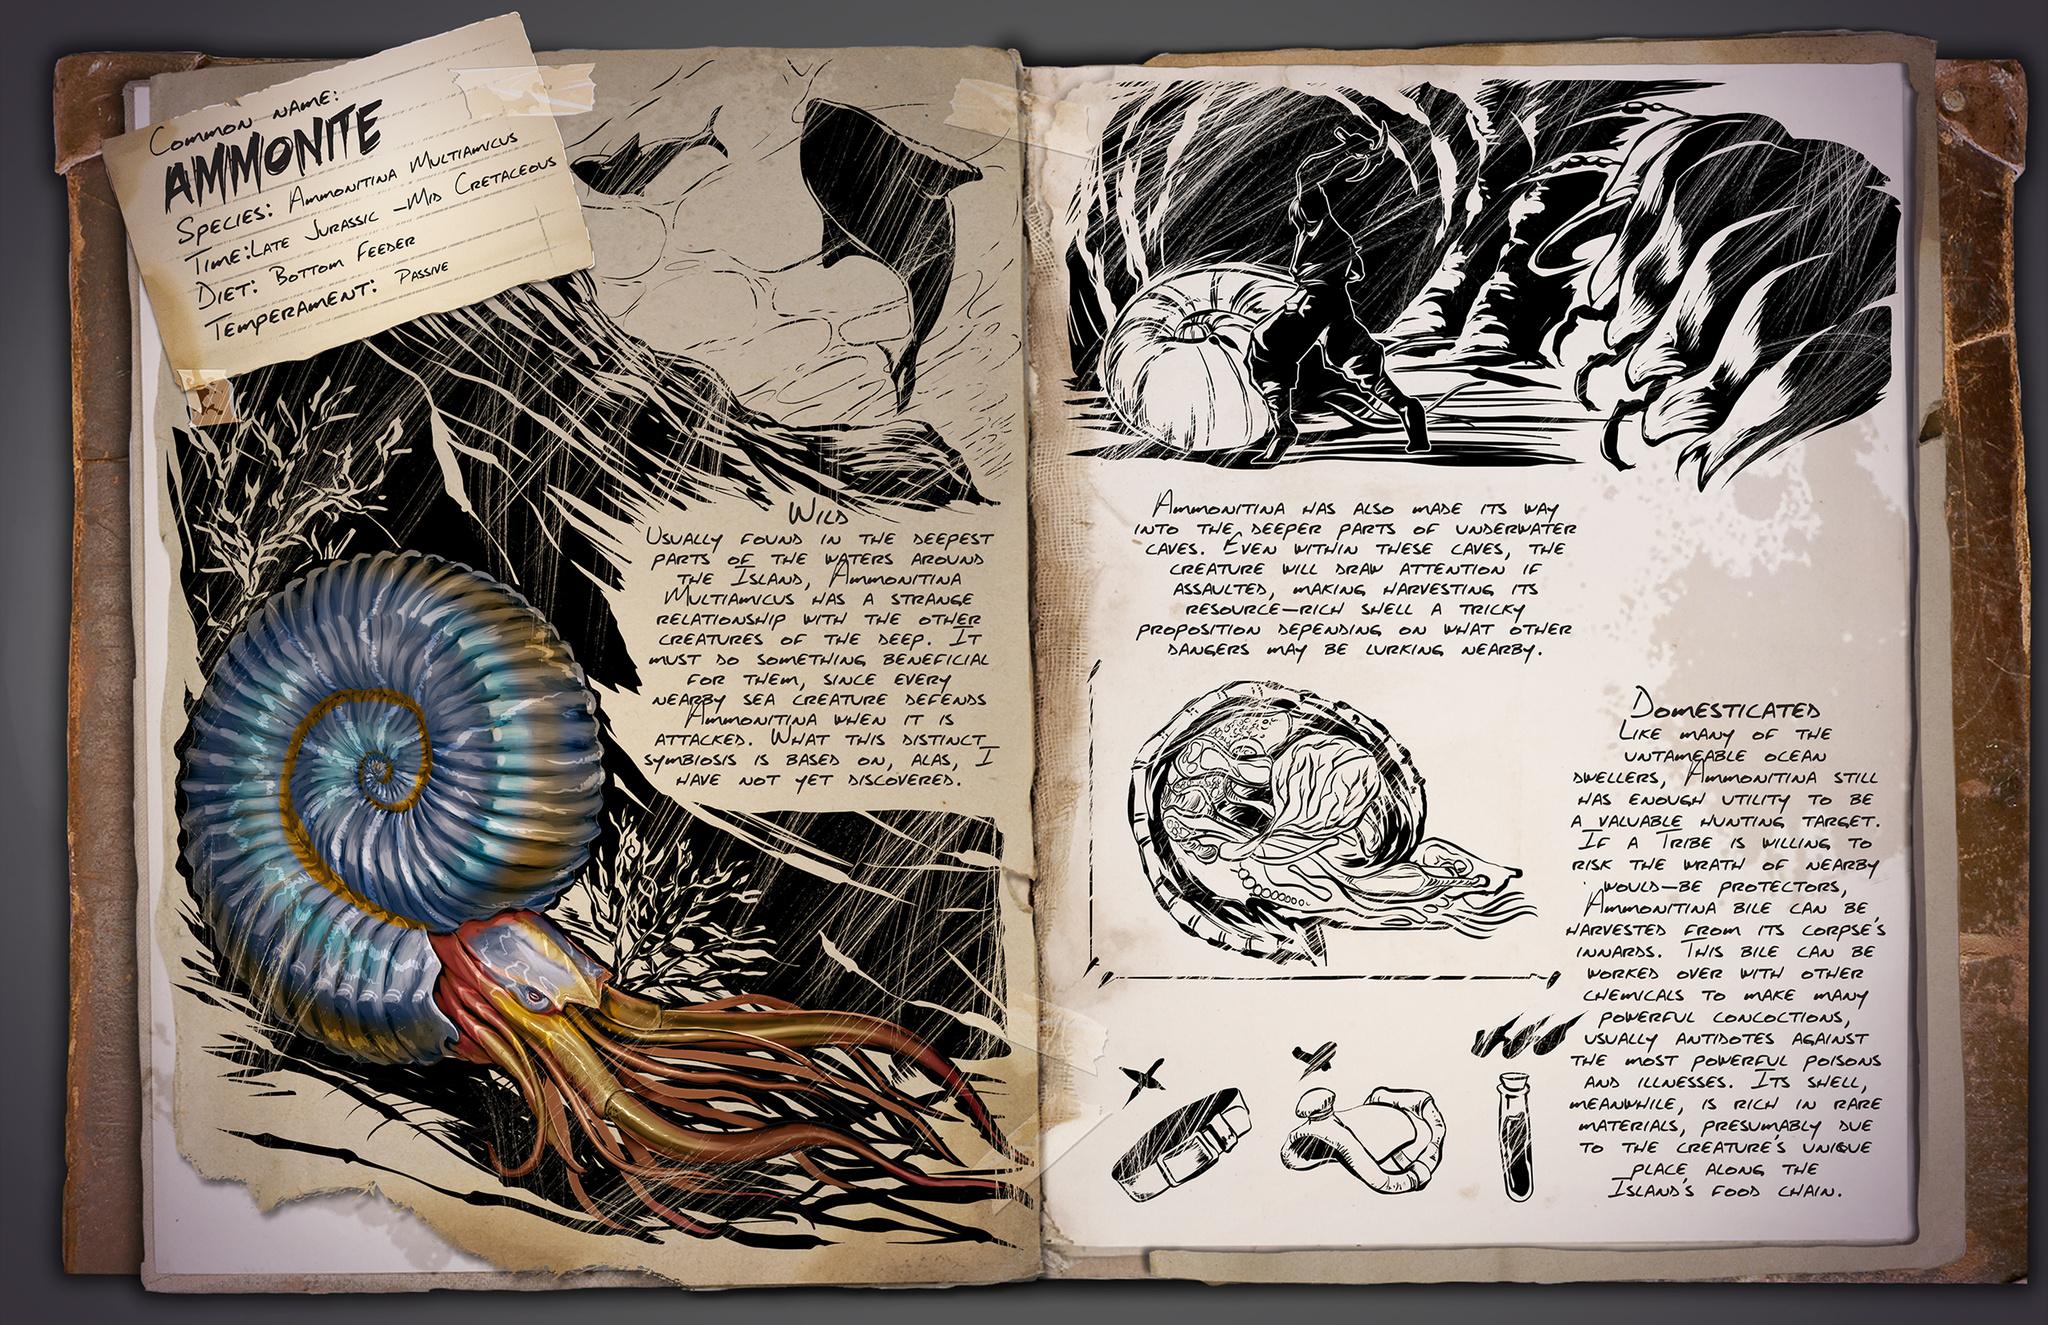 Deutsches Dino Dossier: Ammonite